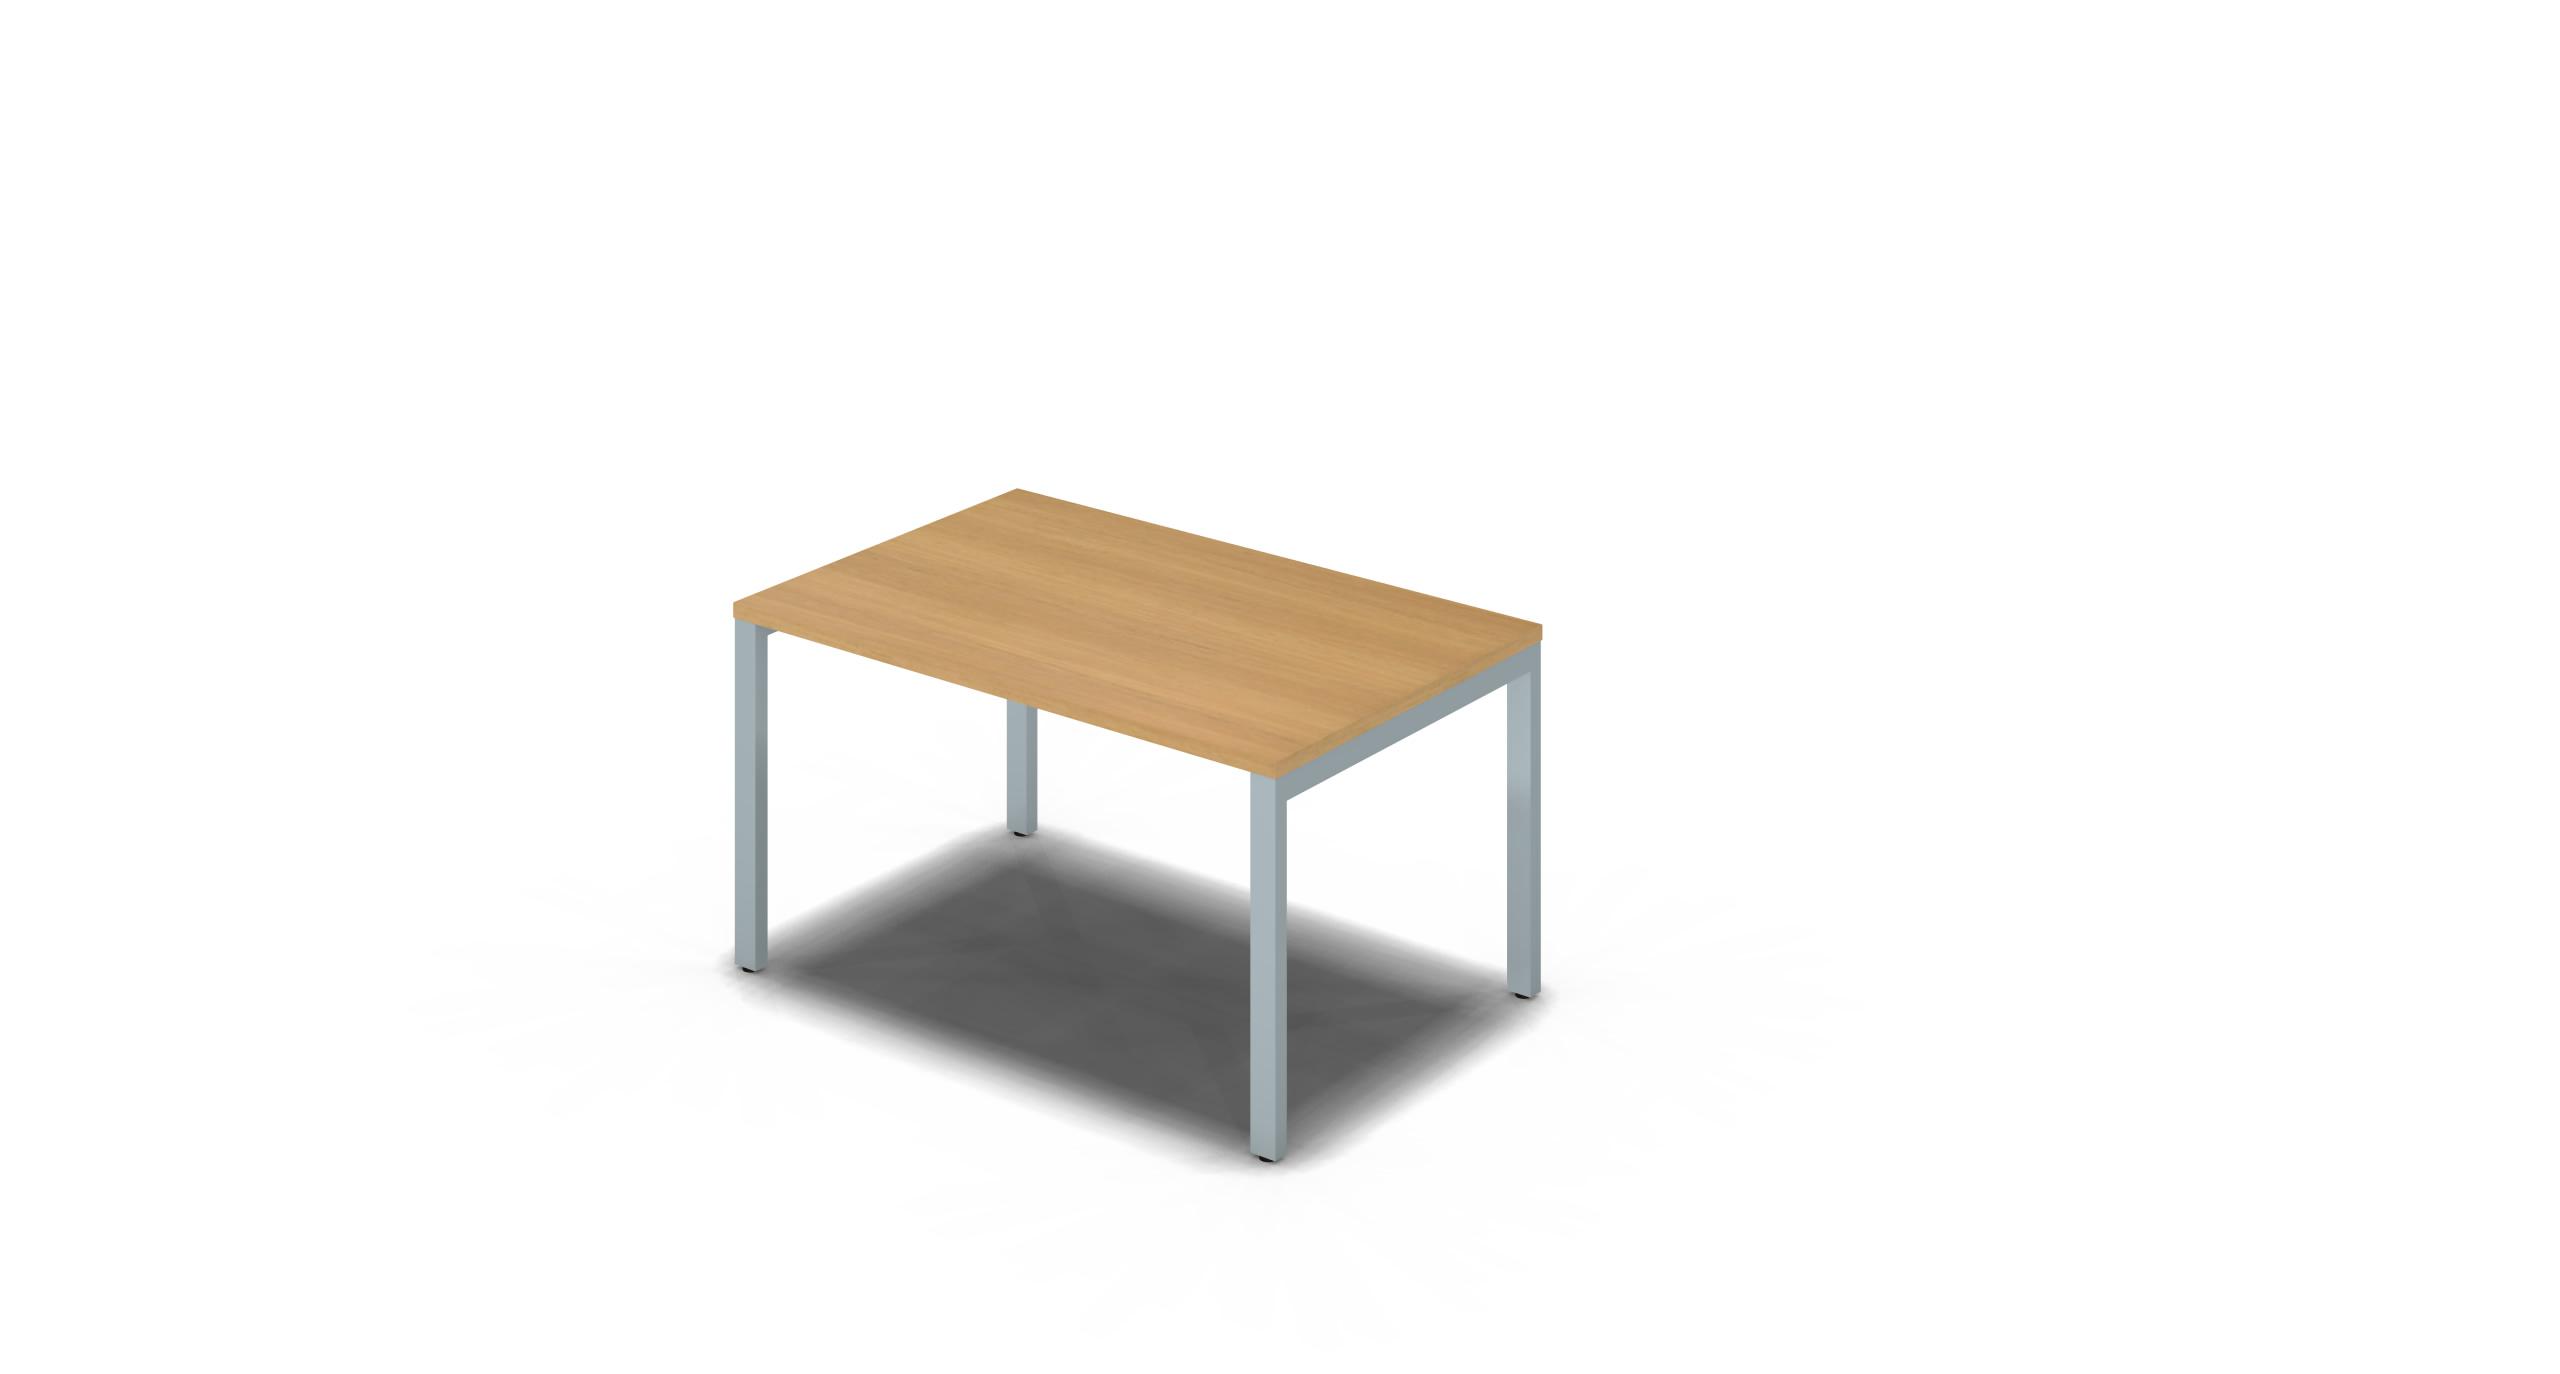 Table_Square_1200x750_Silver_Oak_noOption